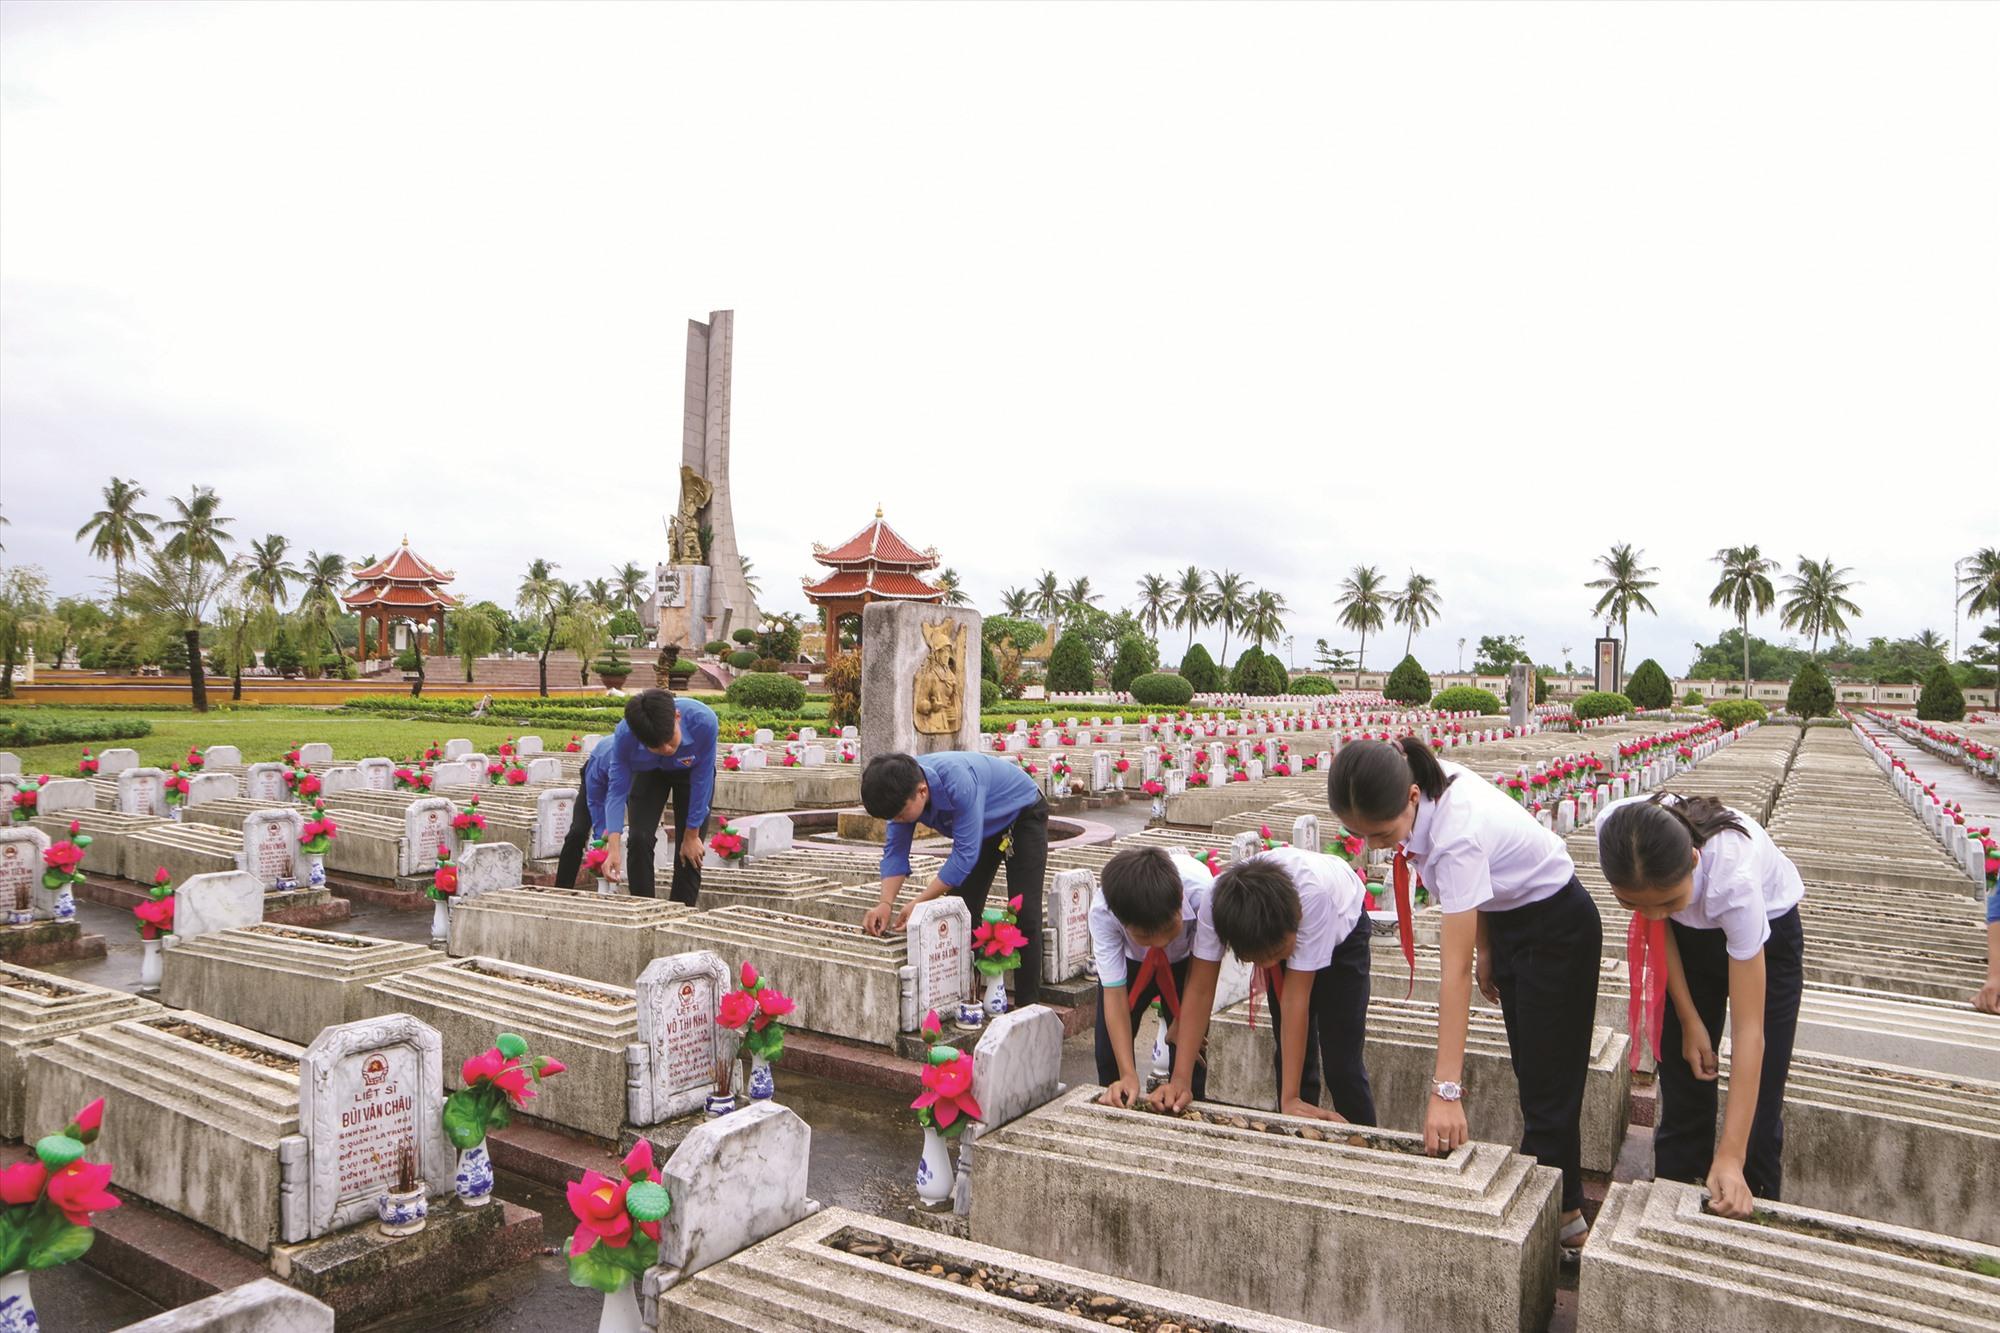 Học sinh tham gia chăm sóc phần mộ liệt sĩ ở Nghĩa trang liệt sĩ Điện Bàn. Ảnh: PHƯƠNG THẢO